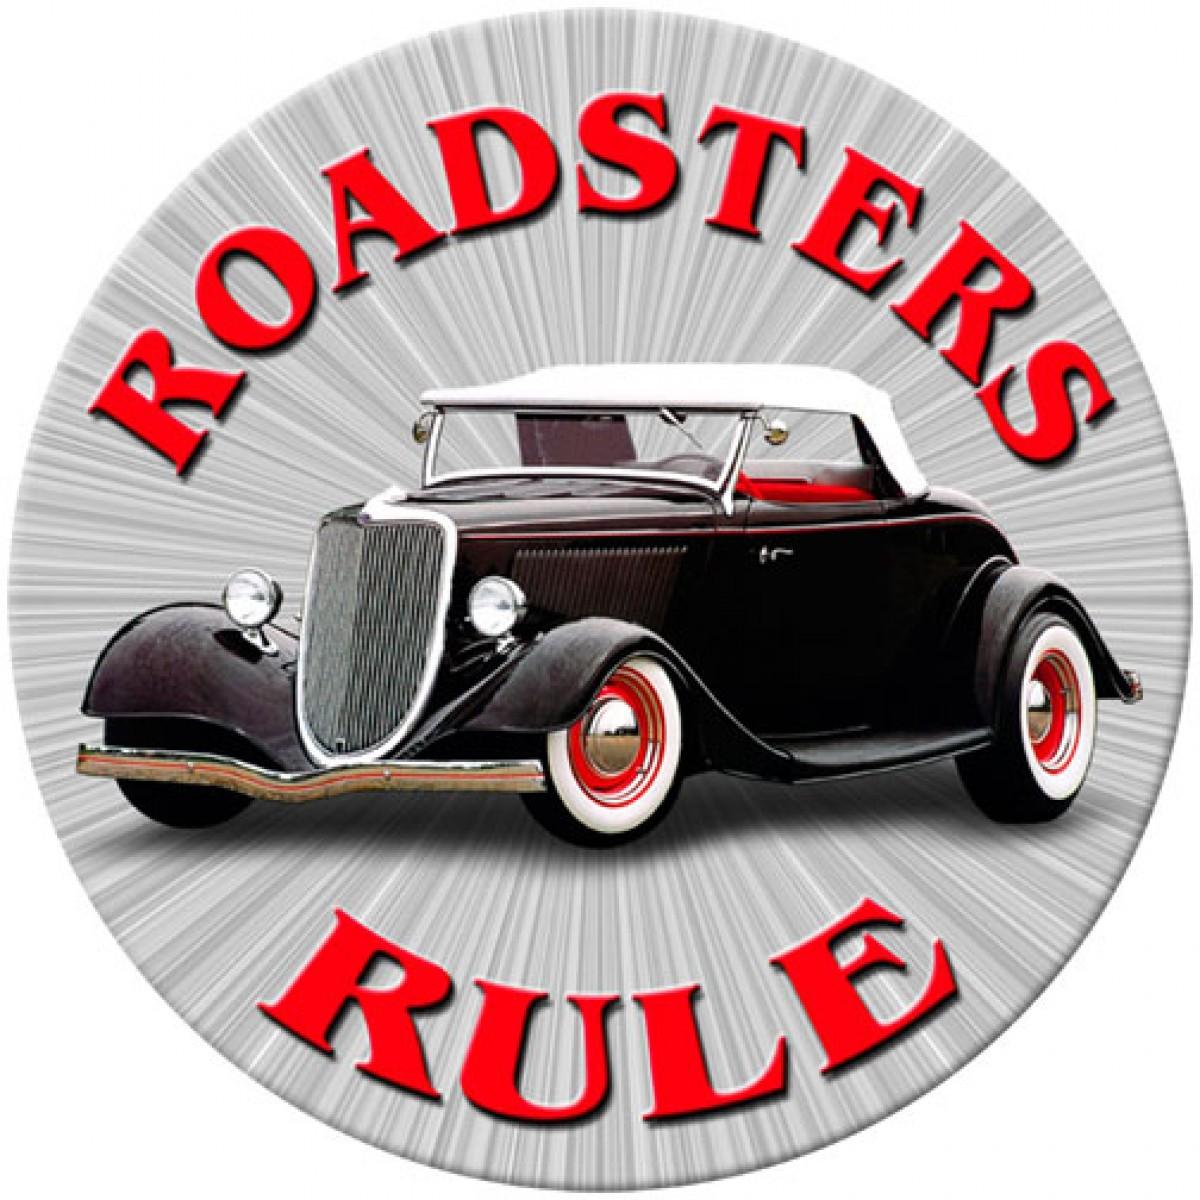 Roadsters Rule - Hot Rod Garage - Metal